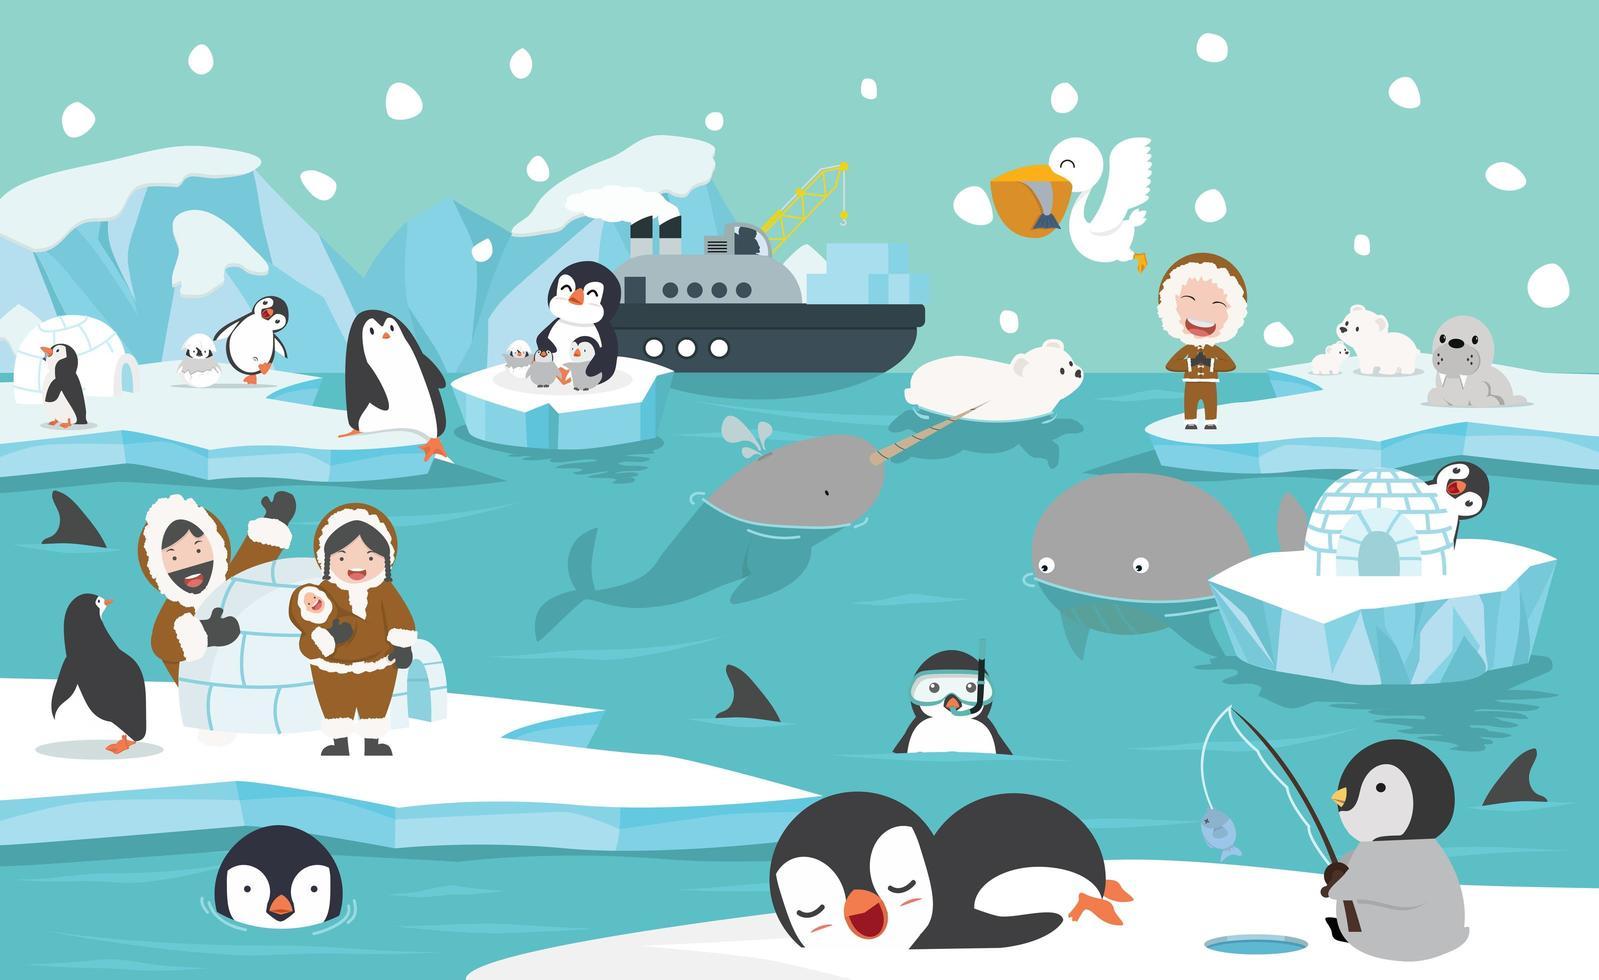 animales y personas árticas en un entorno invernal. vector